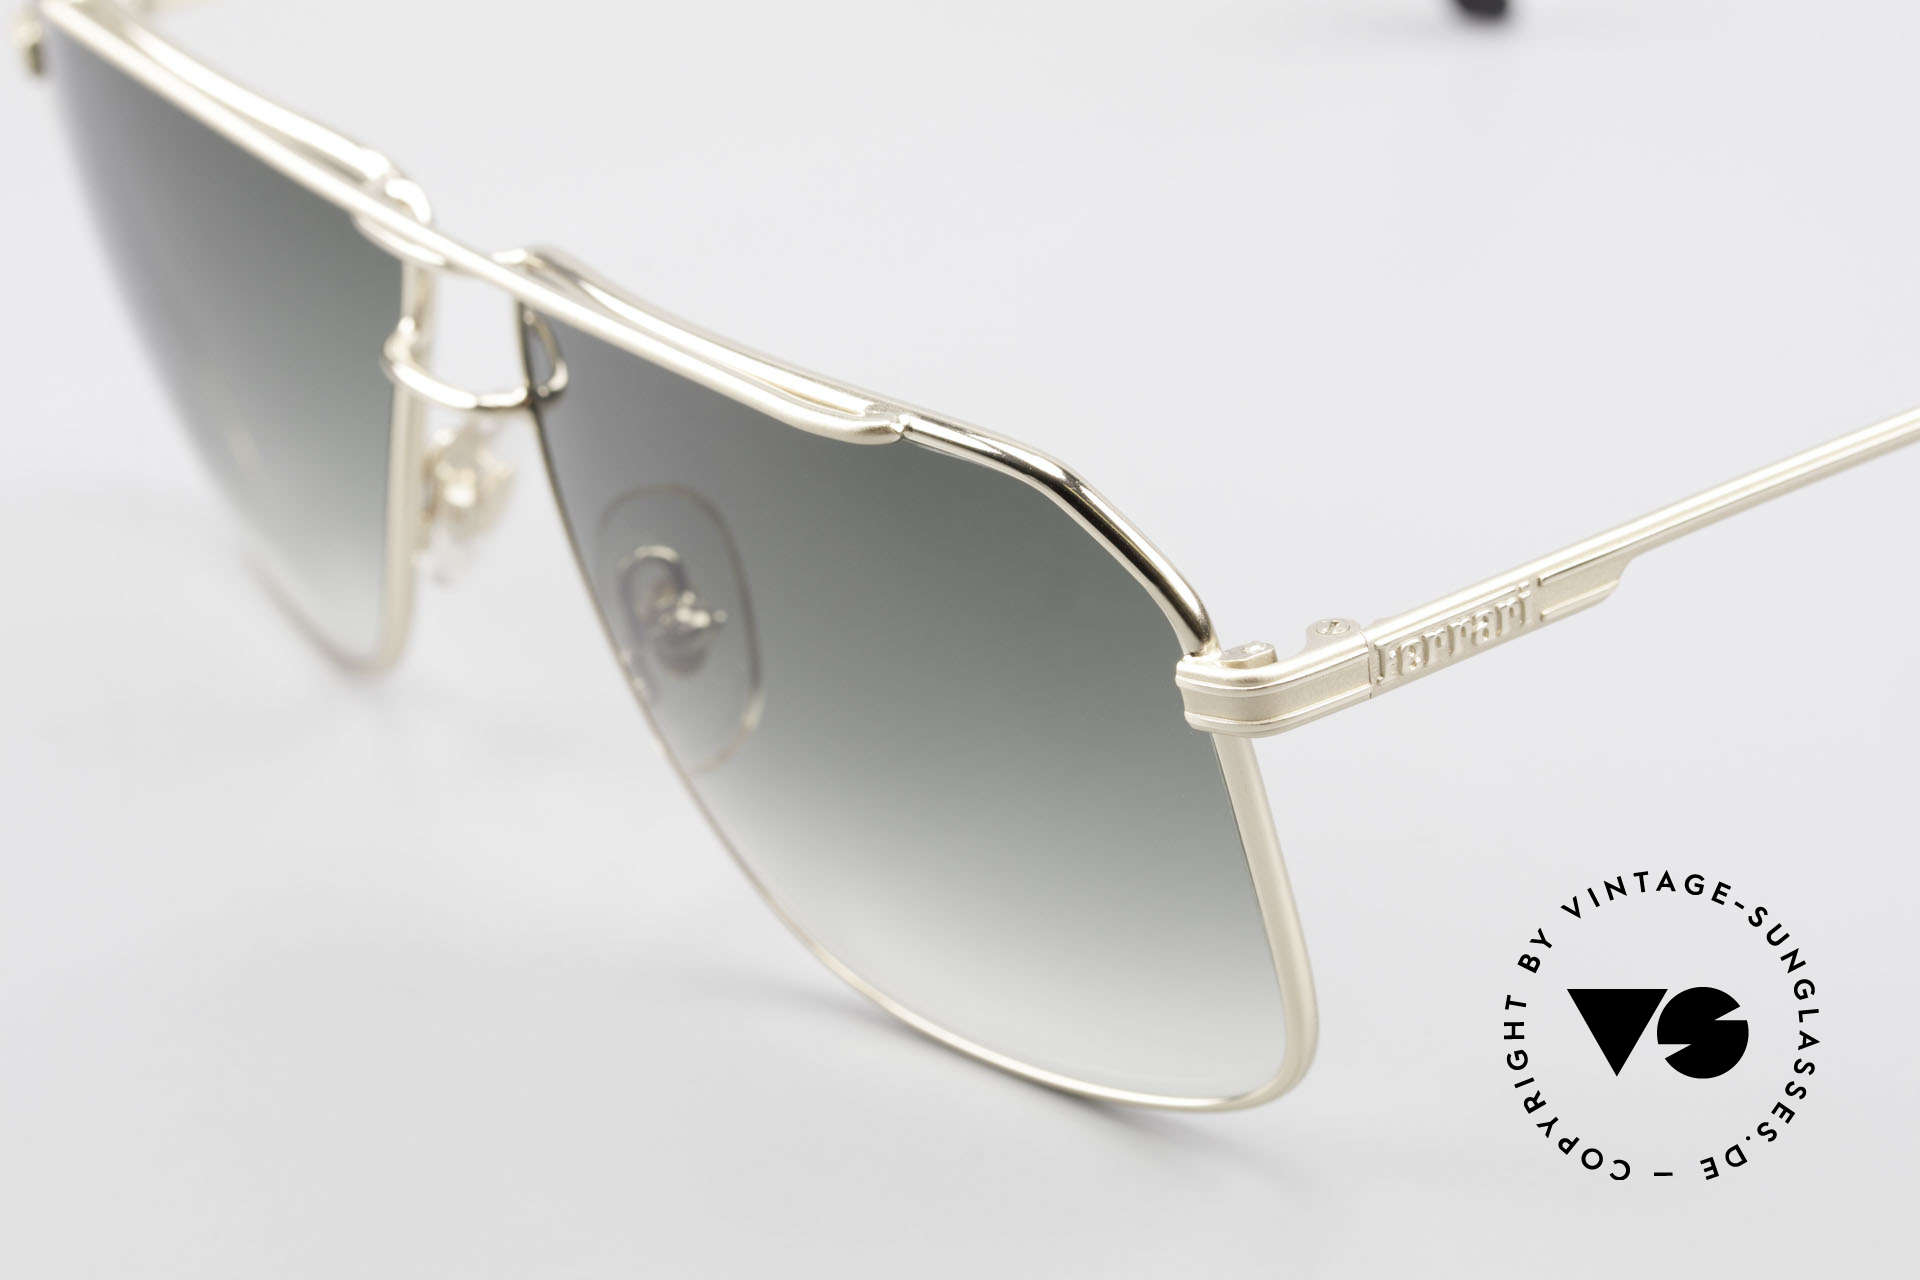 Ferrari F24 Men's Vintage Sunglasses 90's, unworn (like all our VINTAGE sunglasses by Ferrari), Made for Men